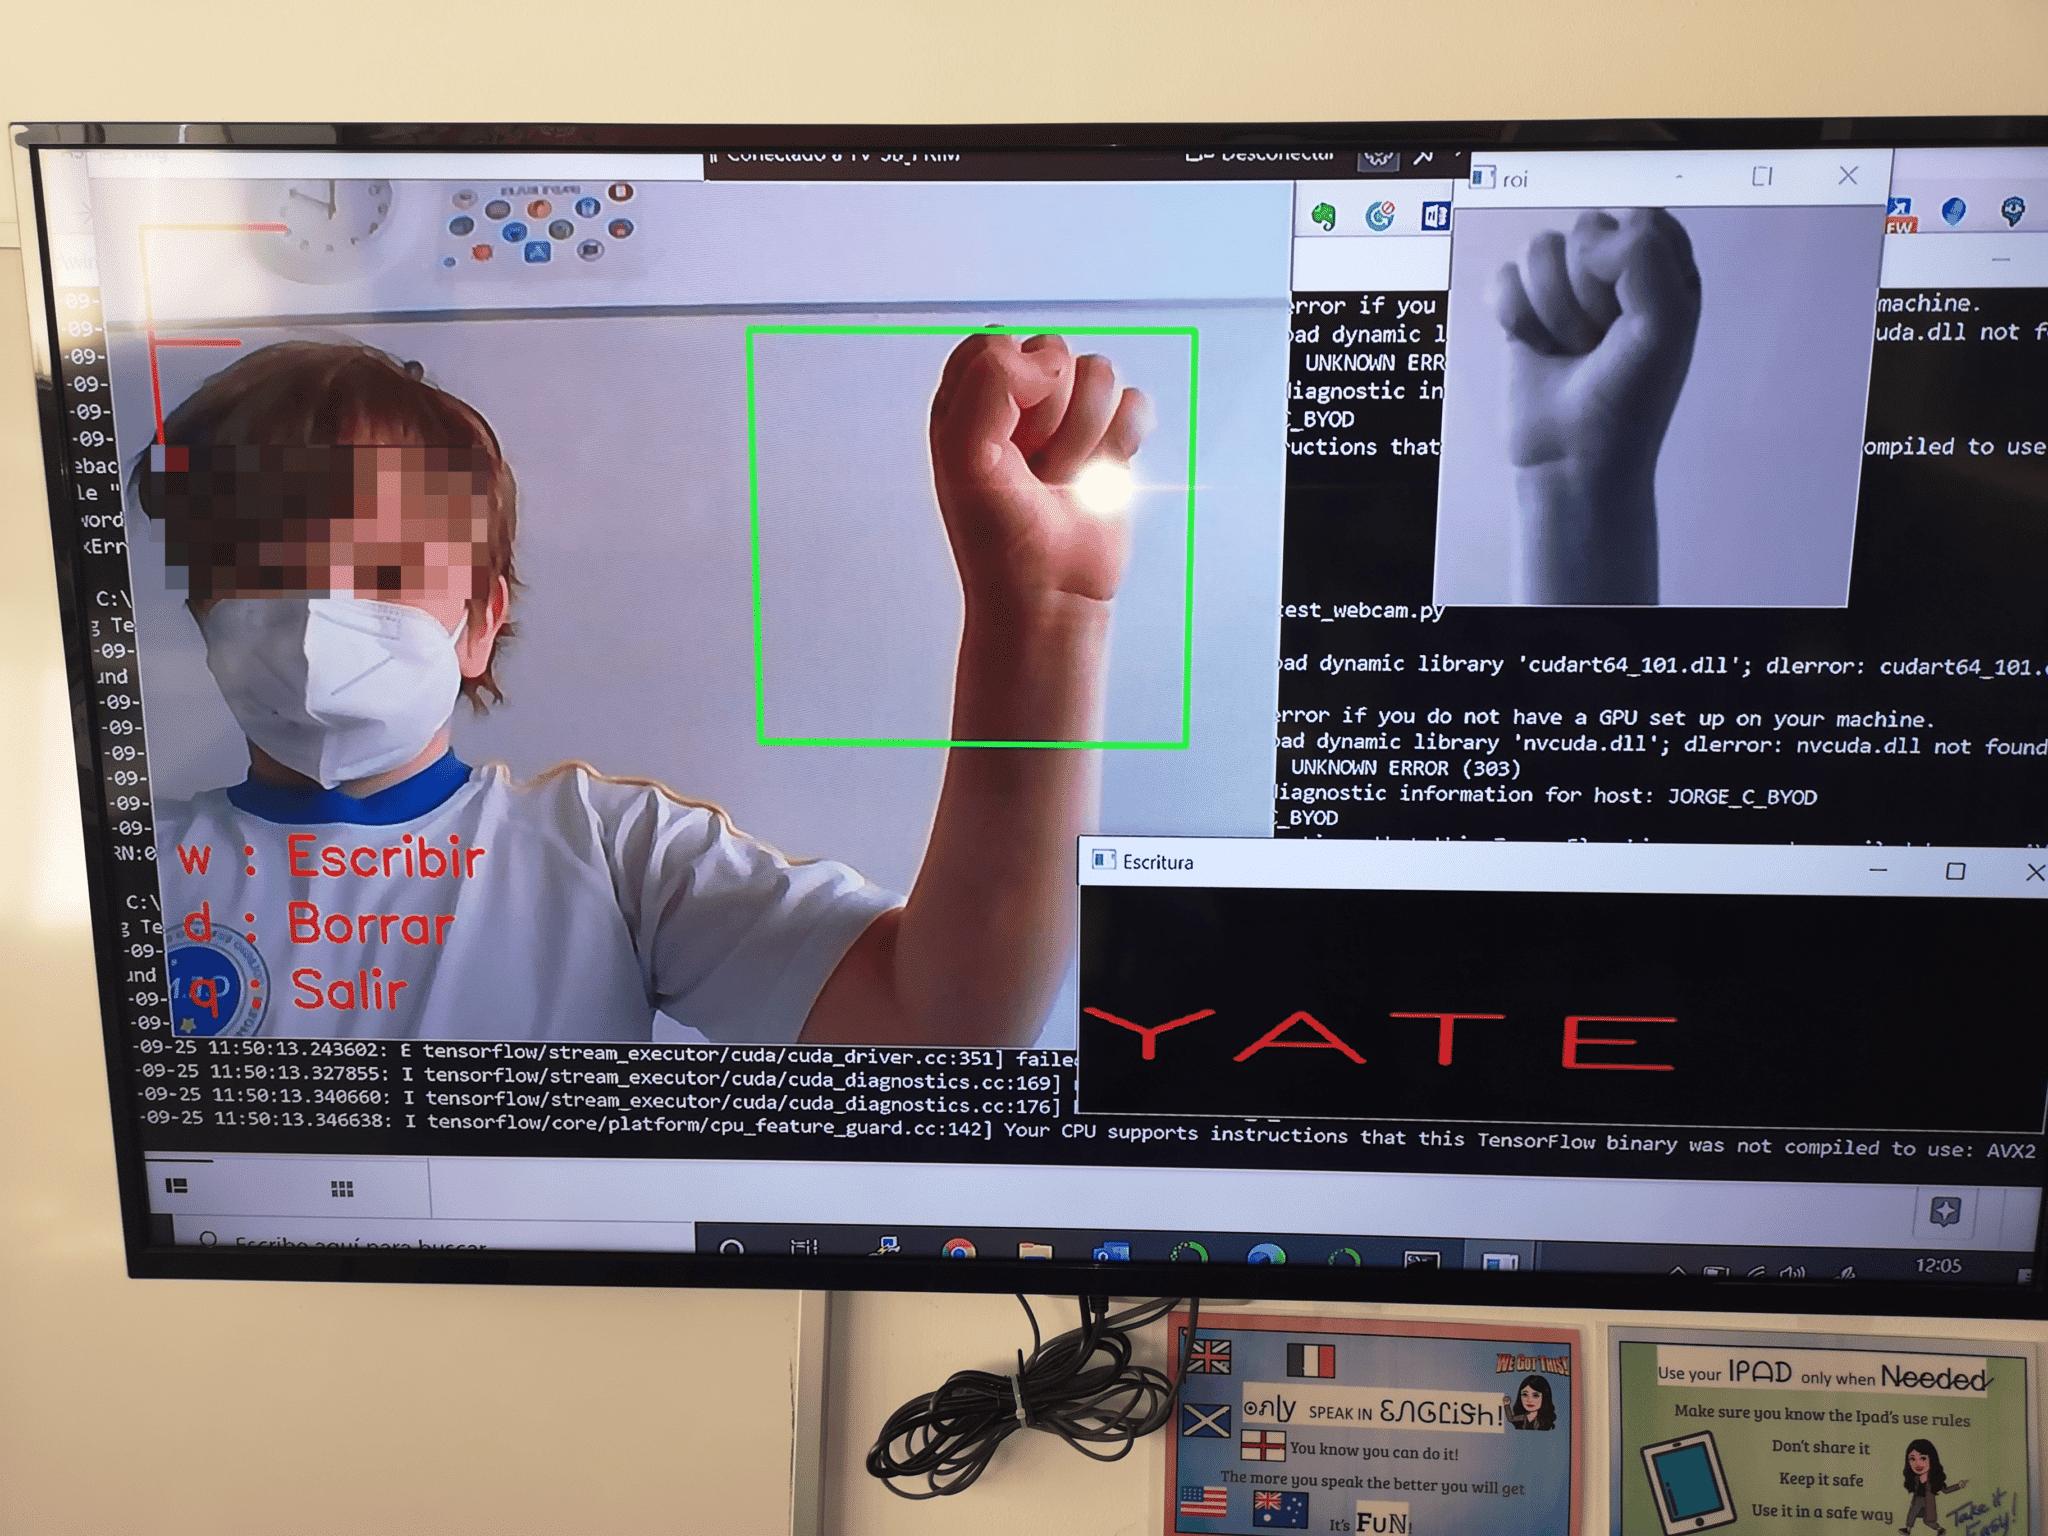 lenguaje de signos app